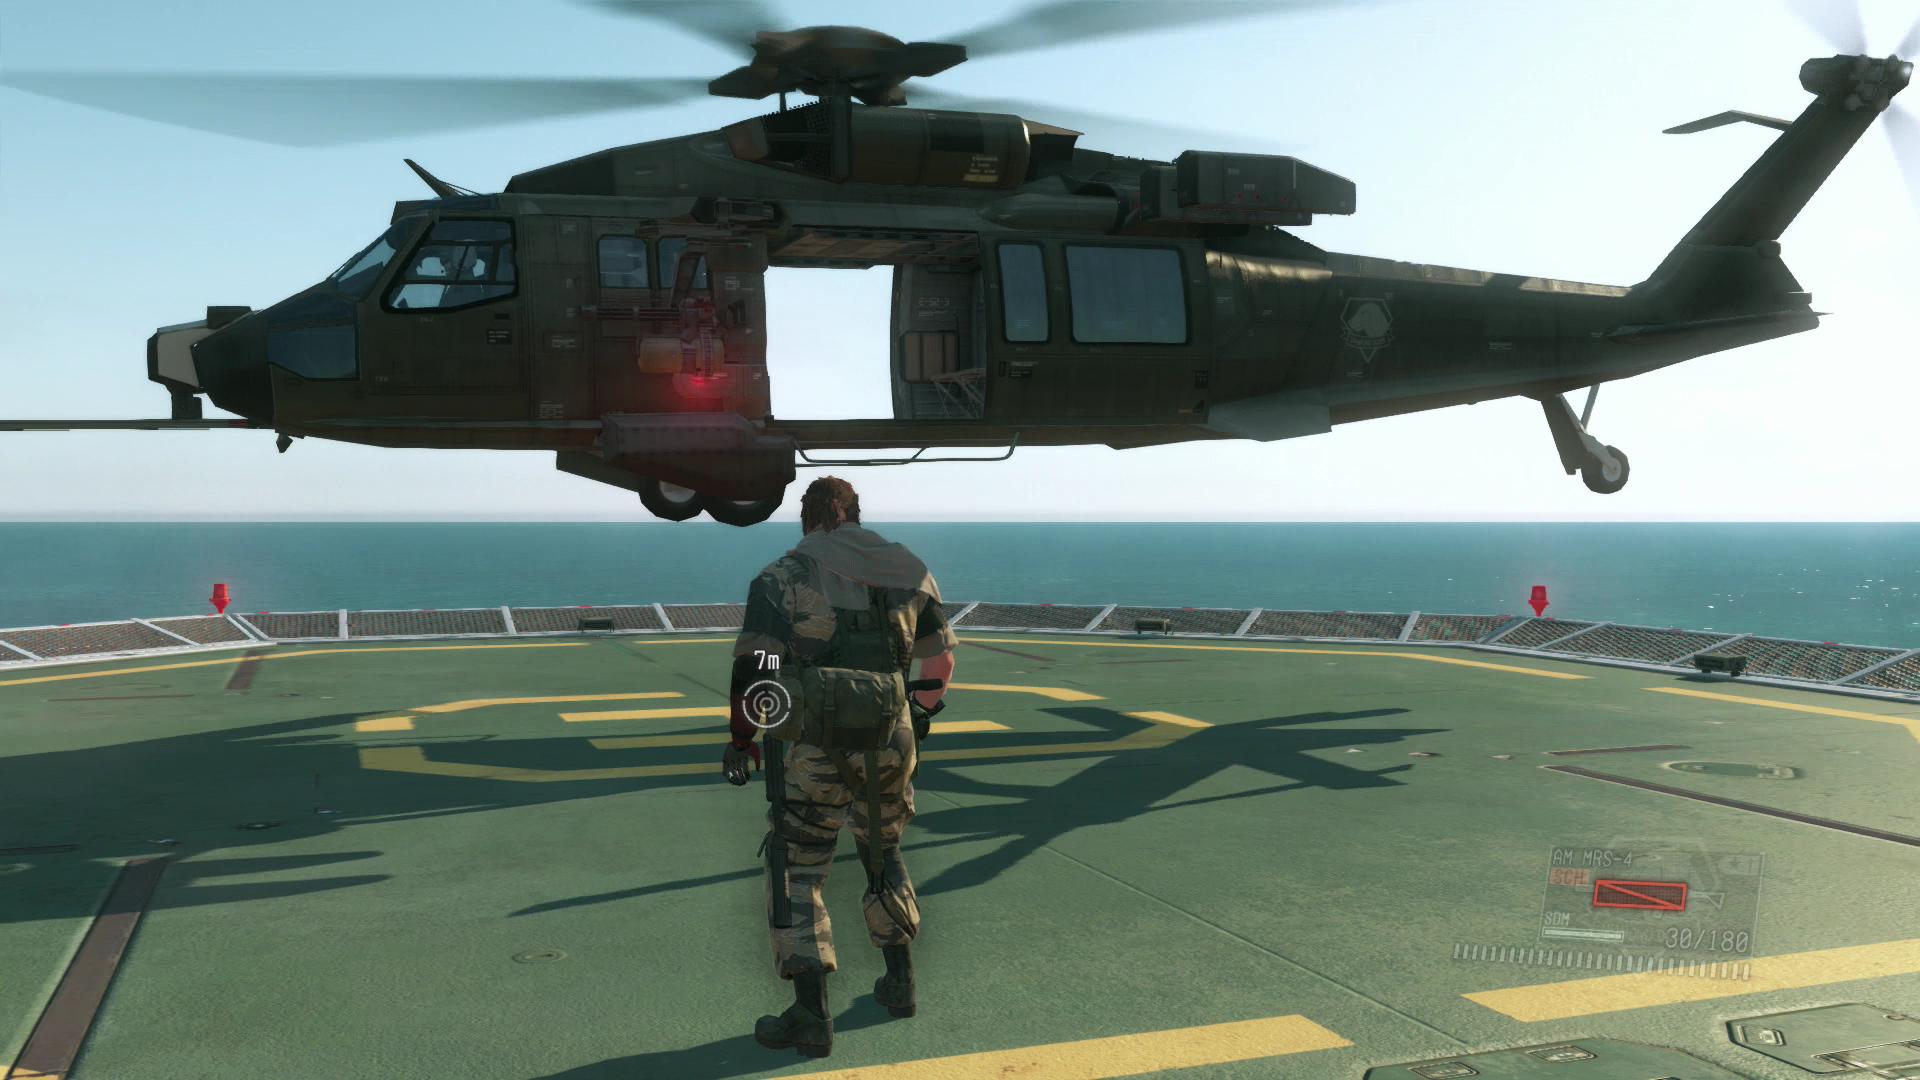 Metal Gear Solid 5 im Test: Schleichen am Rande der Weltgeschichte - Per Helikopter gelangt Snake von Mother Base zu den Missionen. (Screenshot: Golem.de)